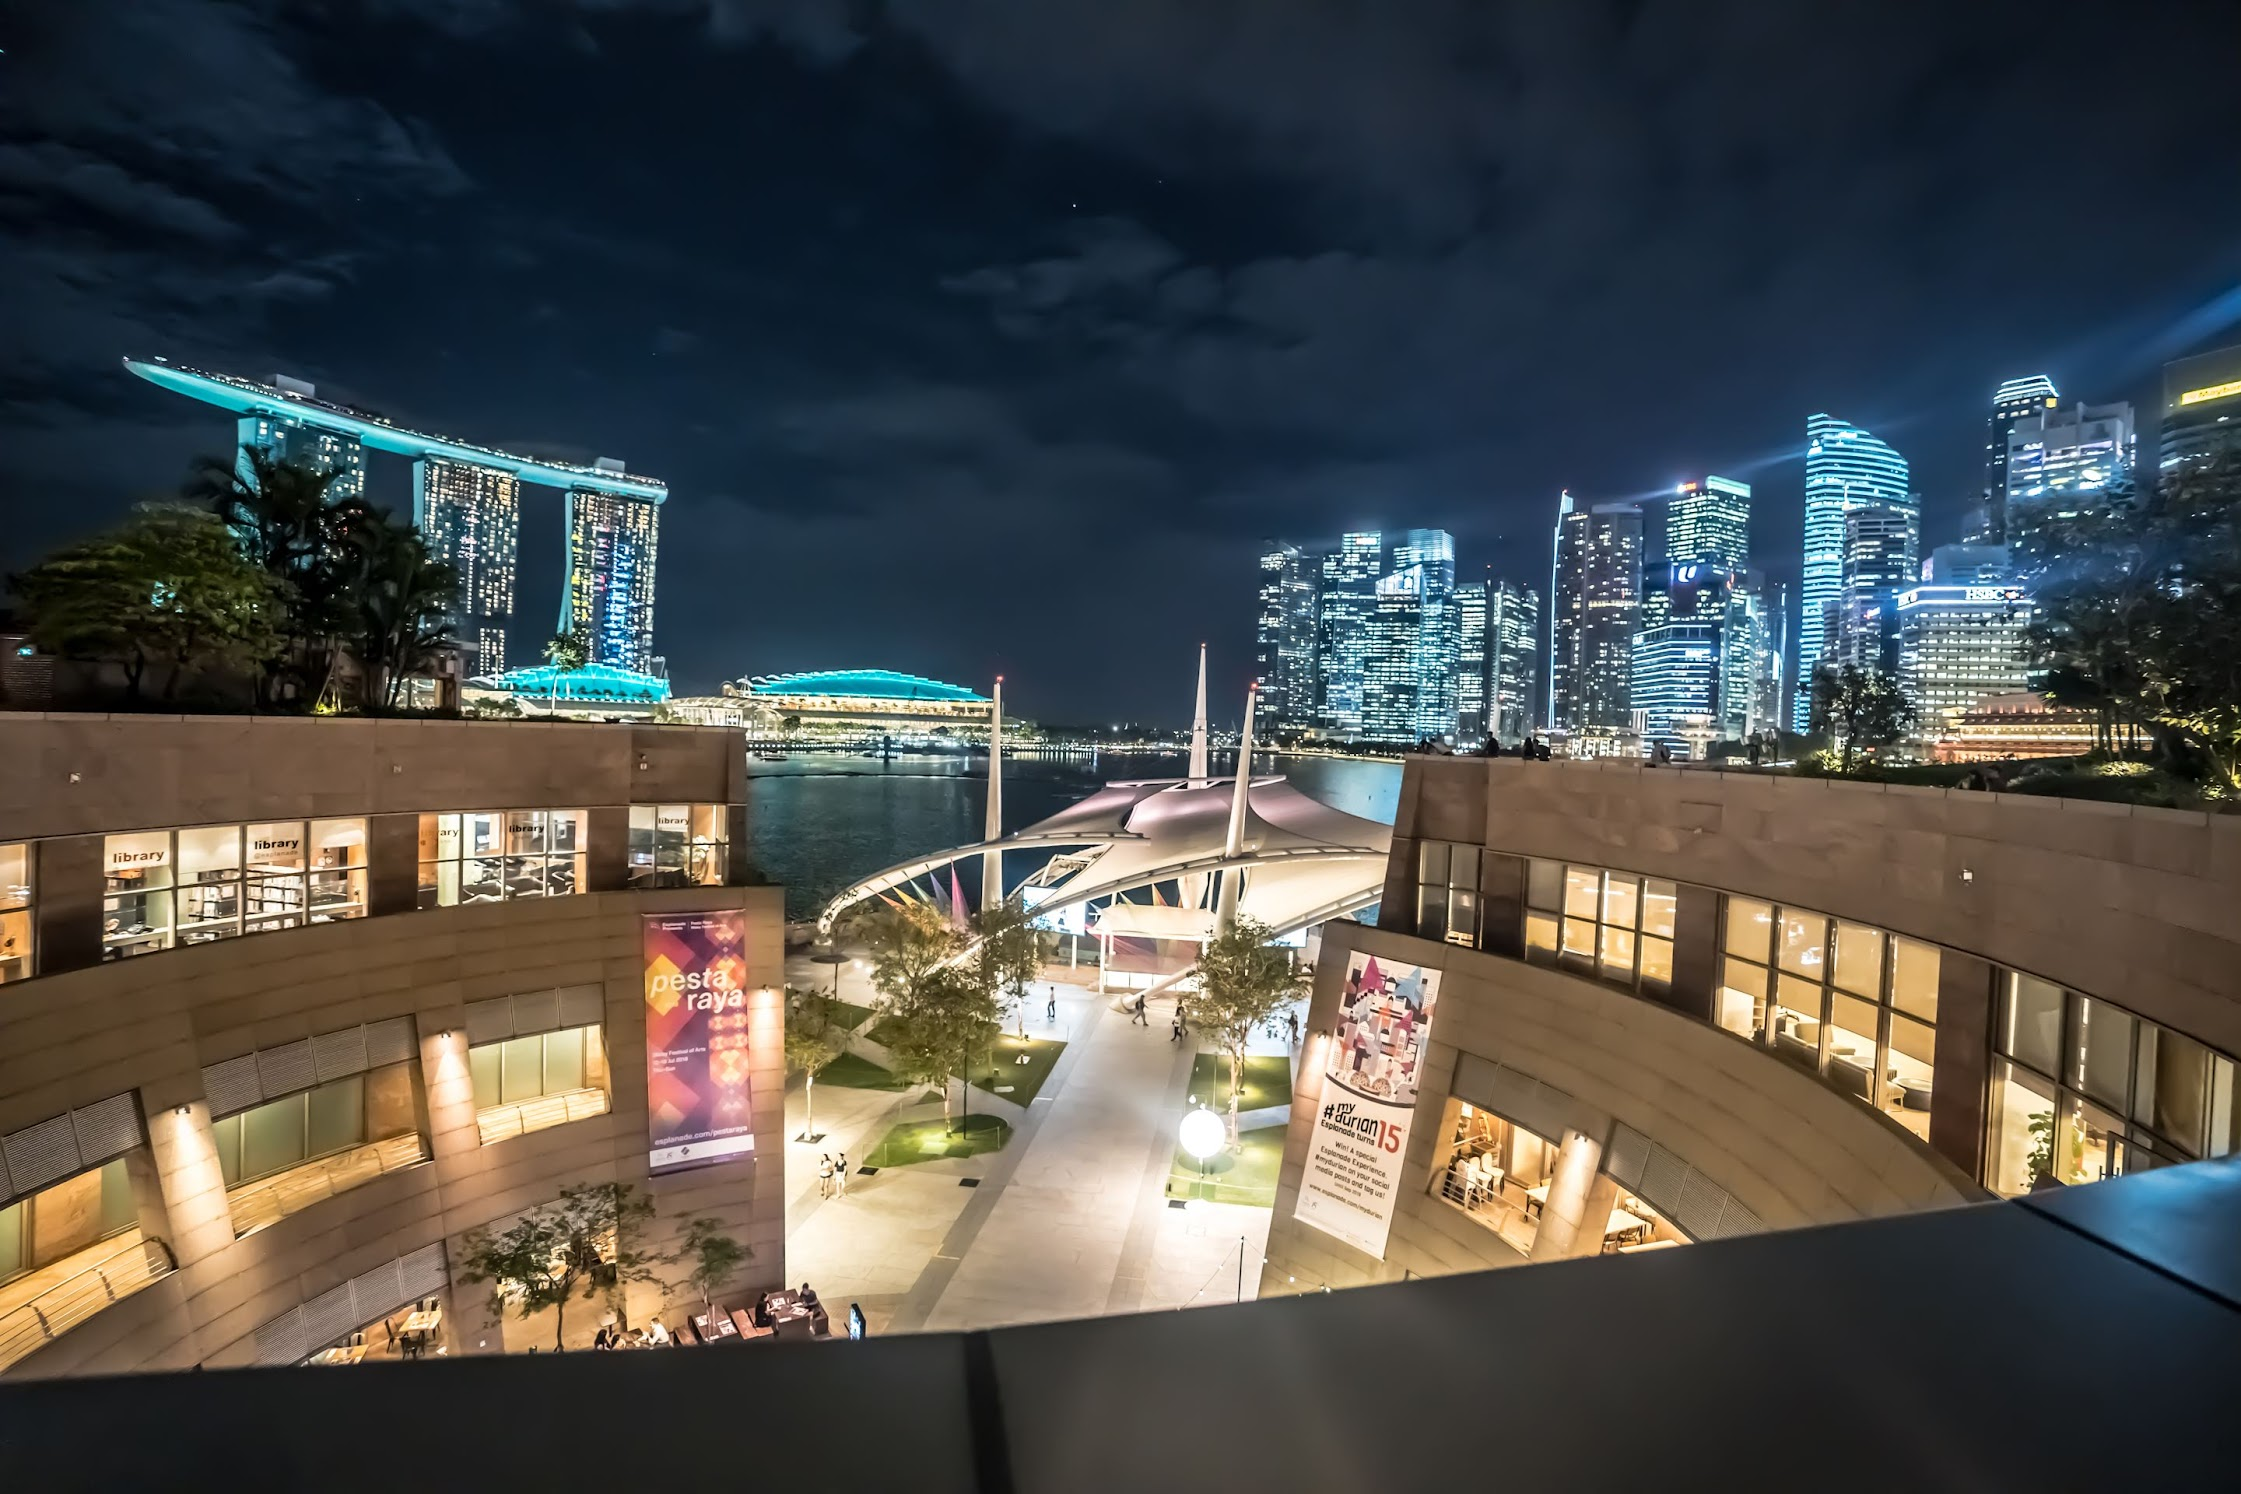 シンガポール エスプラネード (Esplanade) 展望台1